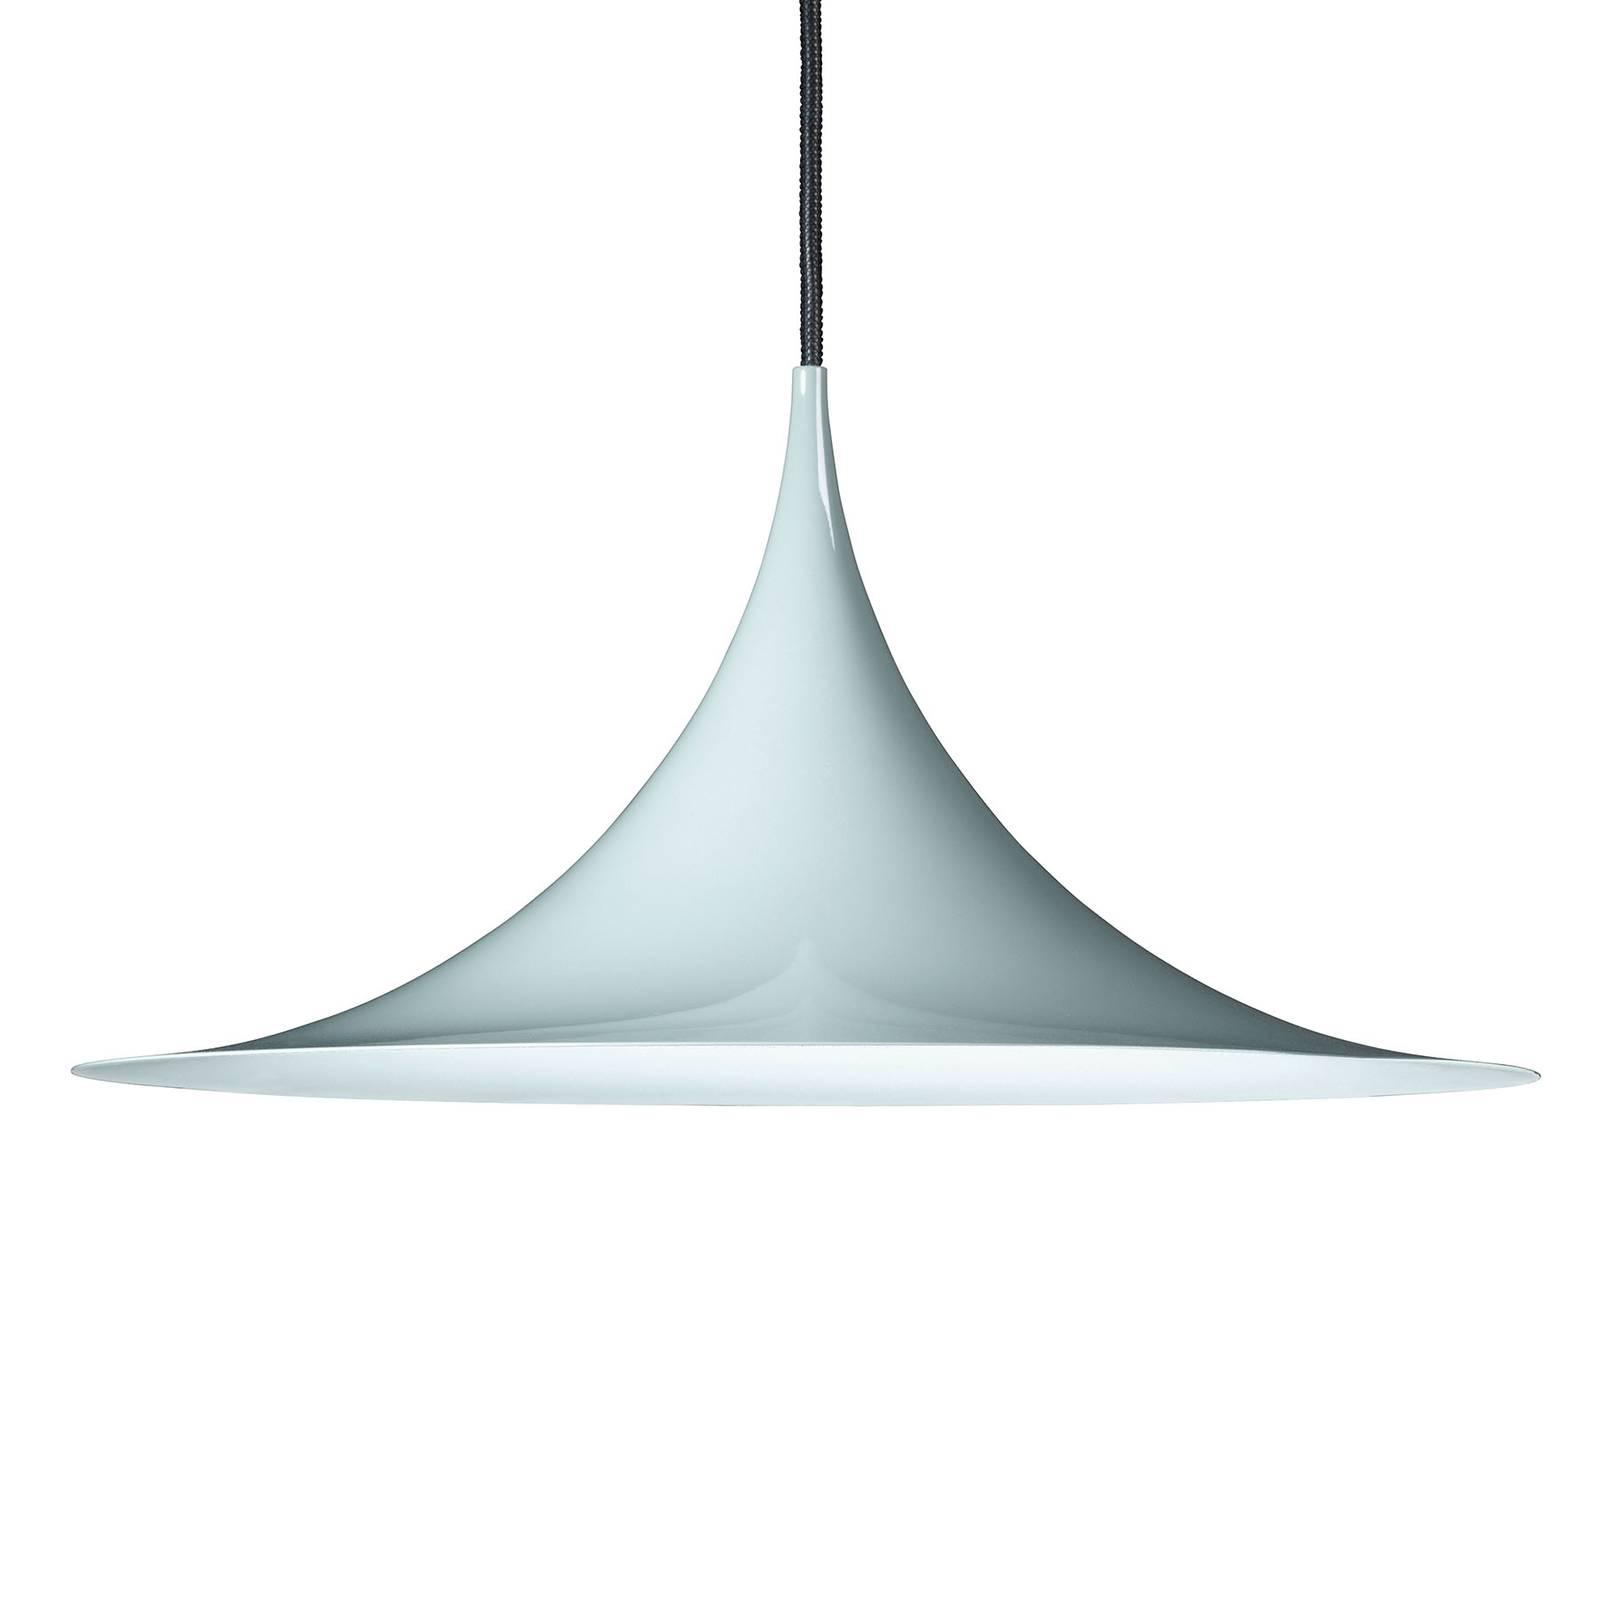 Billede af GUBI Semi hængelampe Ø 47 cm, blank blå